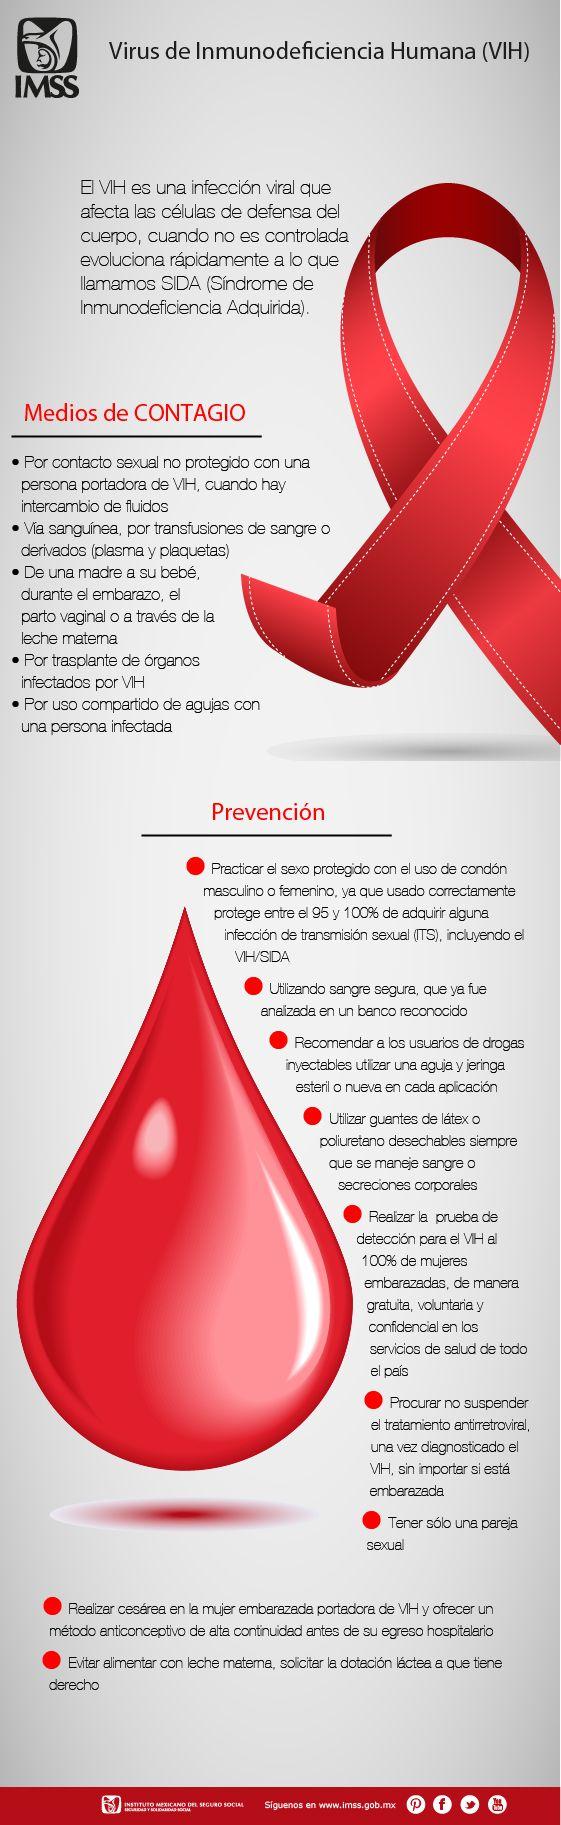 El VIH es una infección viral que afecta las células de defensa del cuerpo